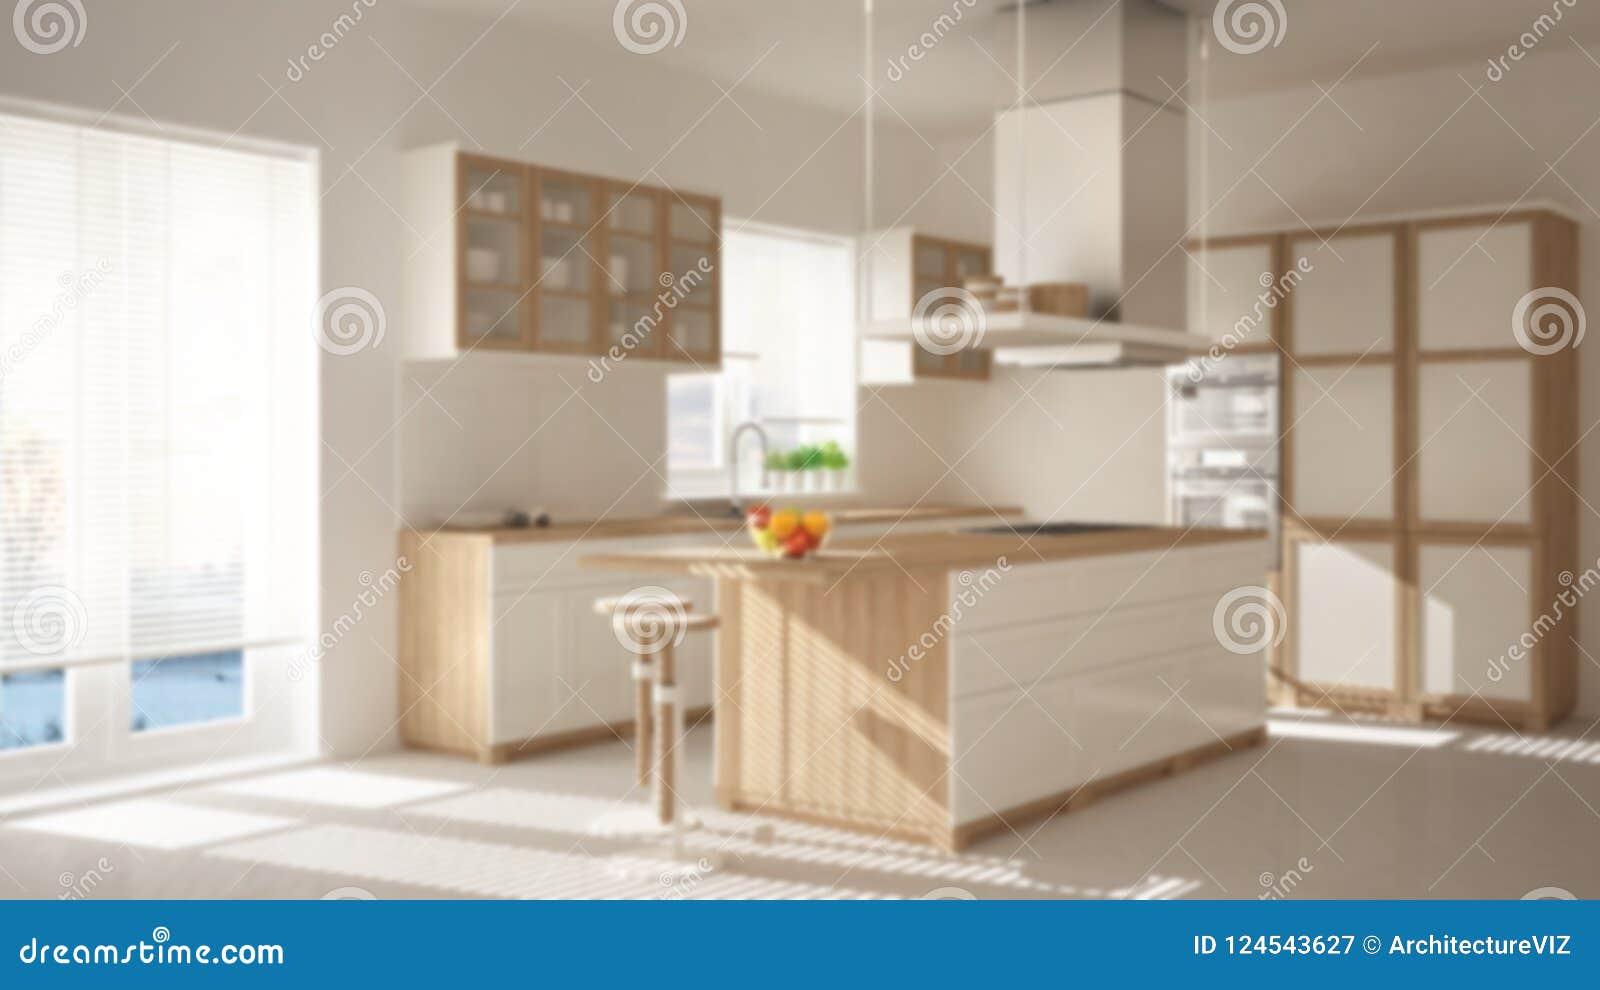 Offuschi l interior design del fondo, la cucina di legno e bianca moderna con l isola, i panchetti e le finestre, pavimento della